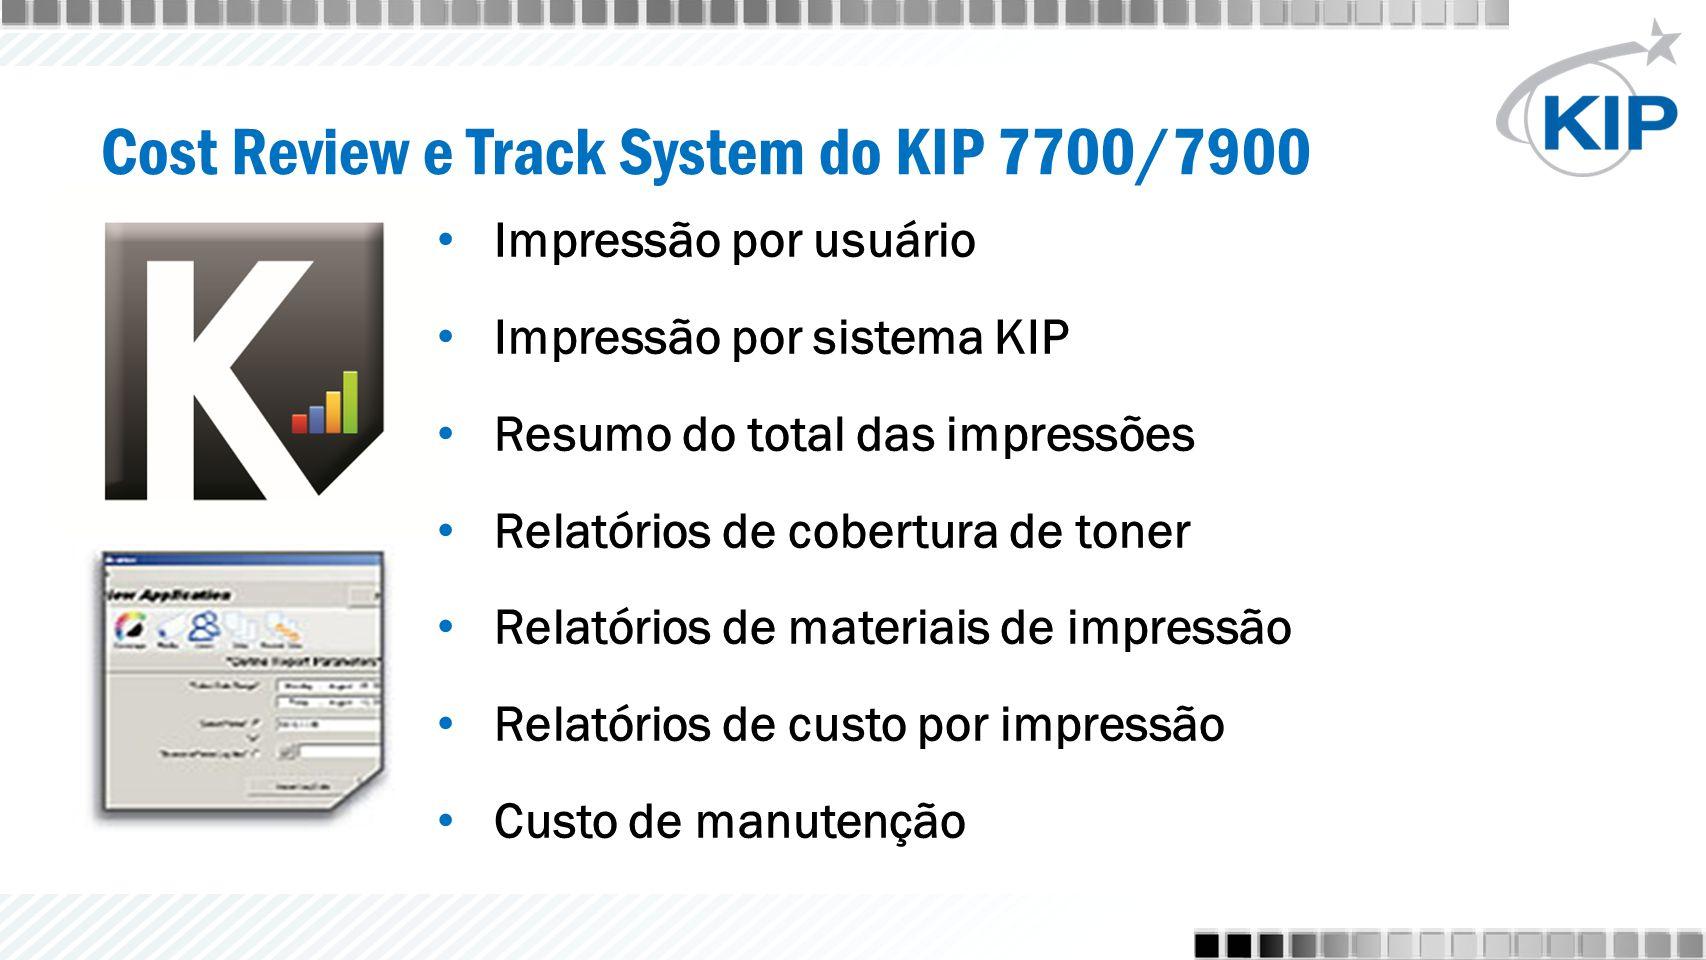 Impressão por usuário Impressão por sistema KIP Resumo do total das impressões Relatórios de cobertura de toner Relatórios de materiais de impressão R